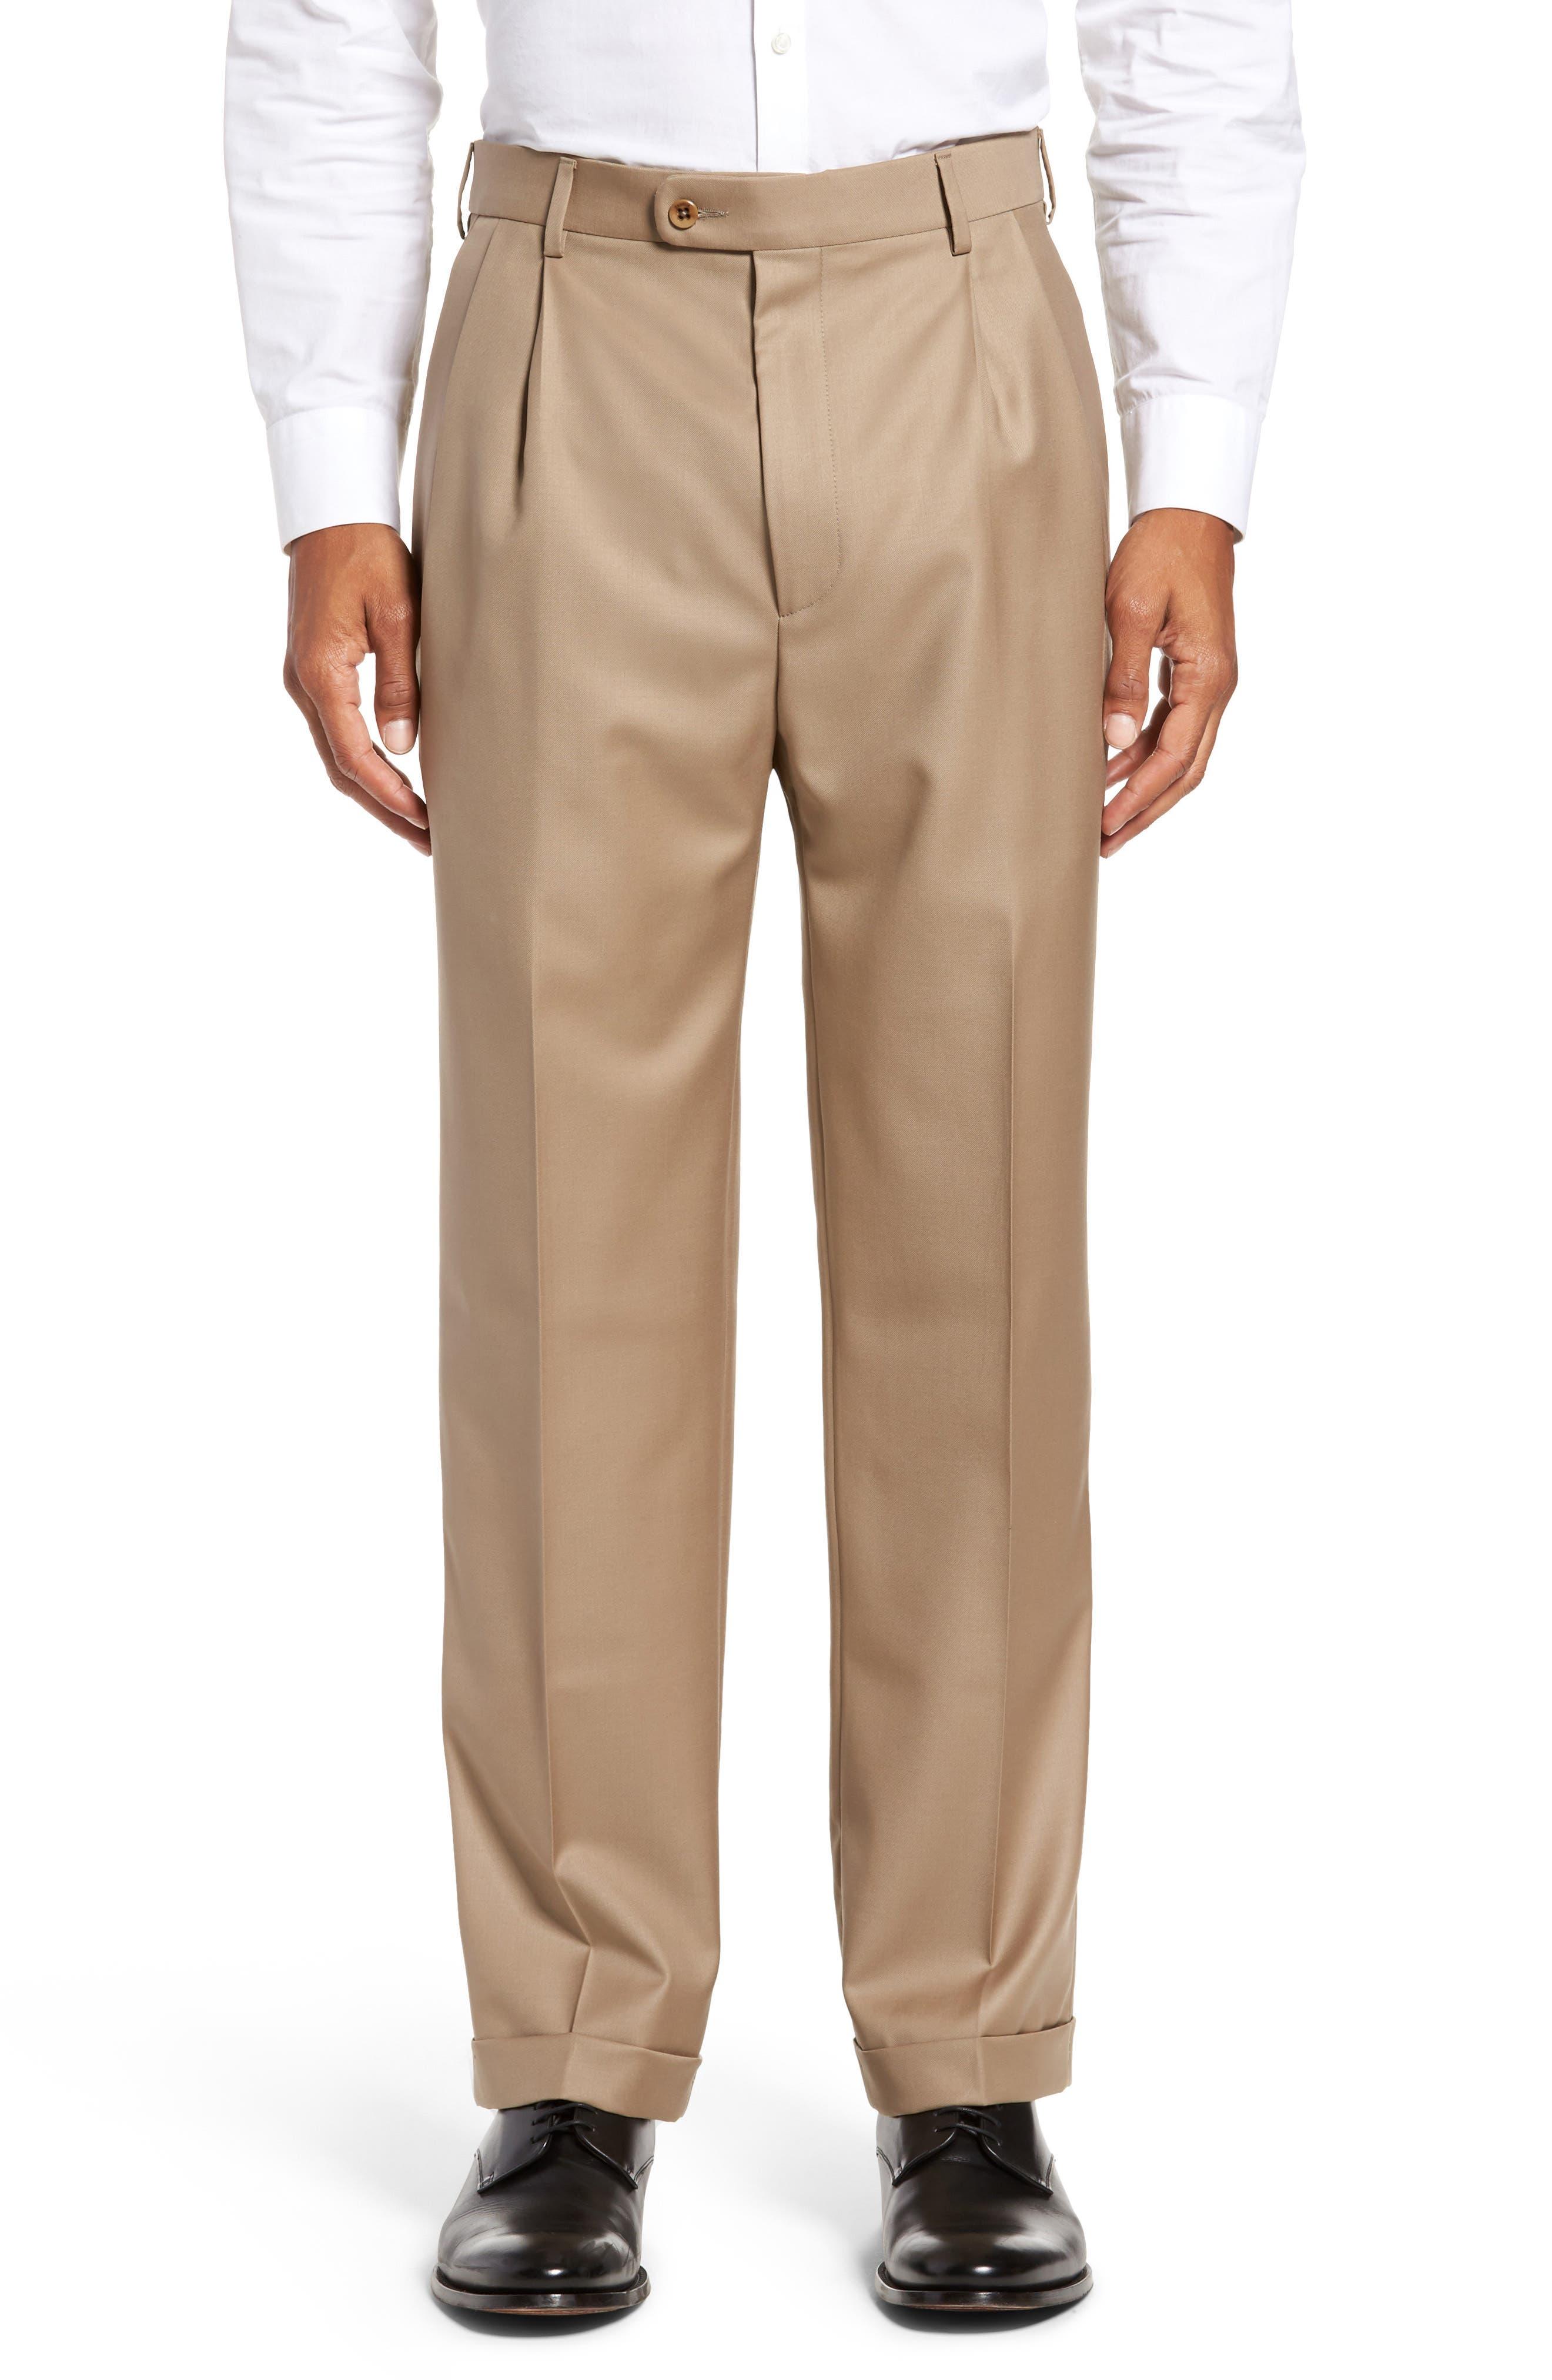 ZANELLA Bennett Regular Fit Pleated Trousers in Dark Beige